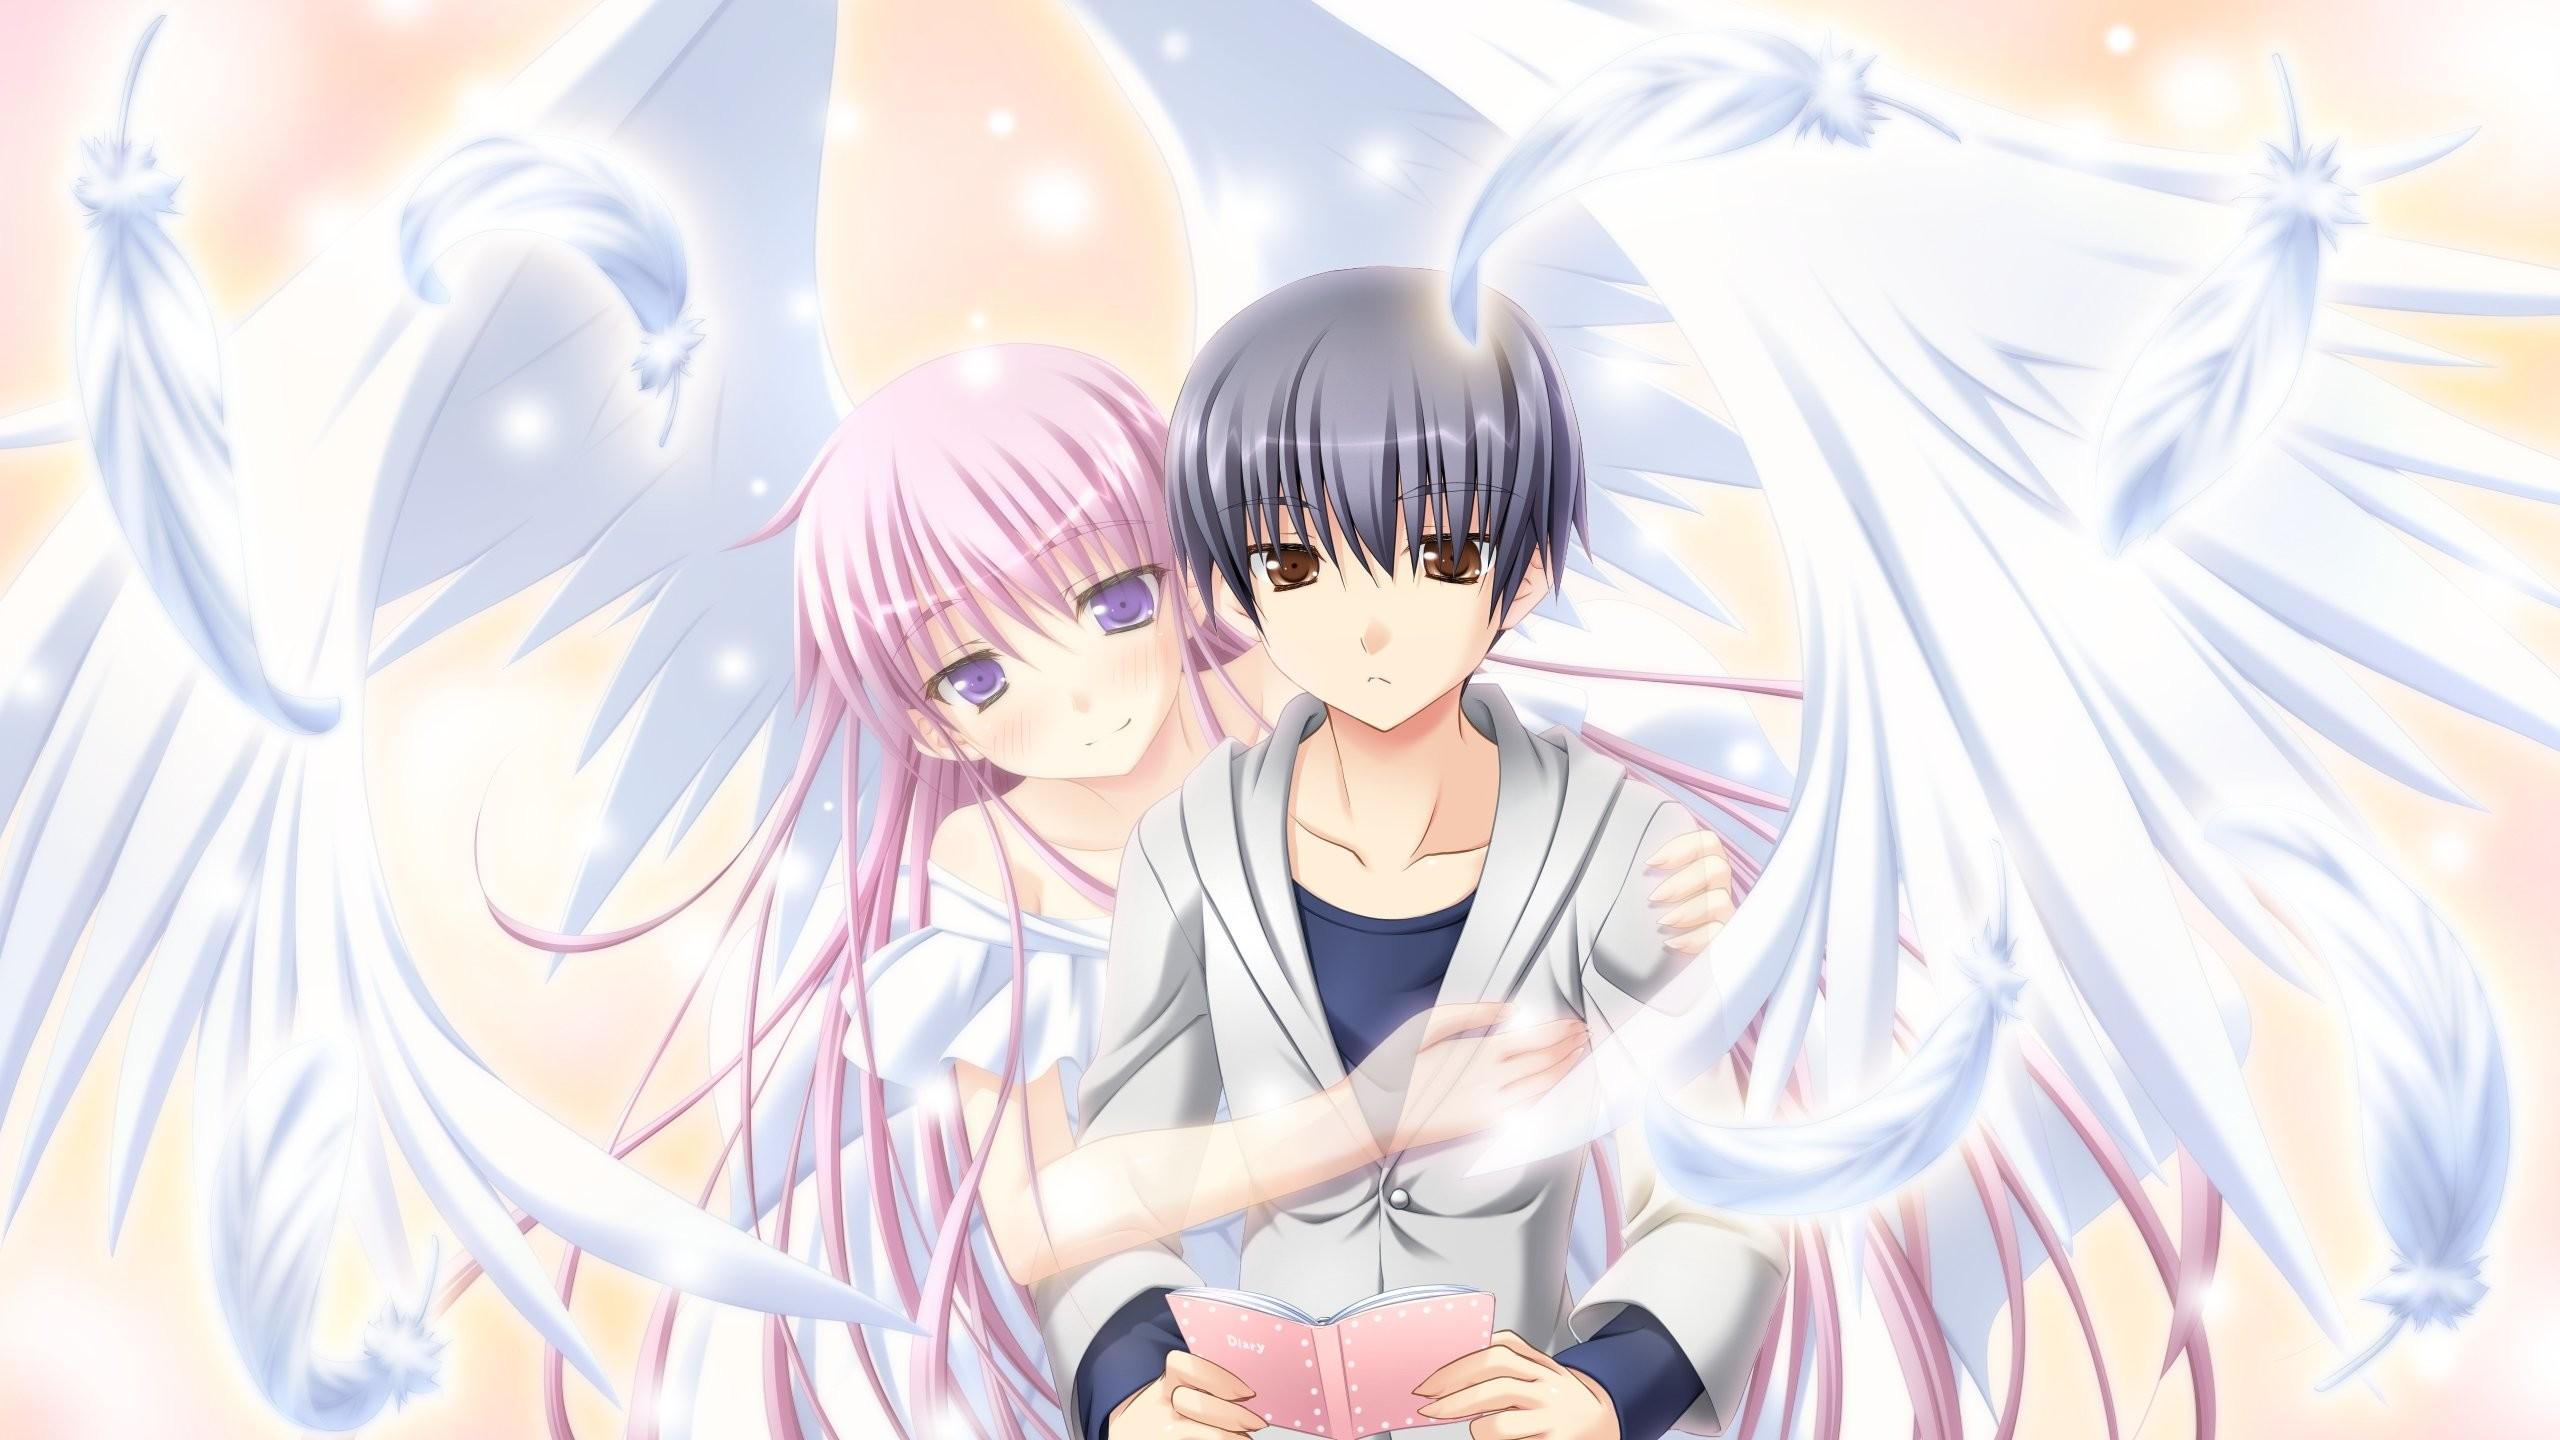 Anime Angel Girl And Boy